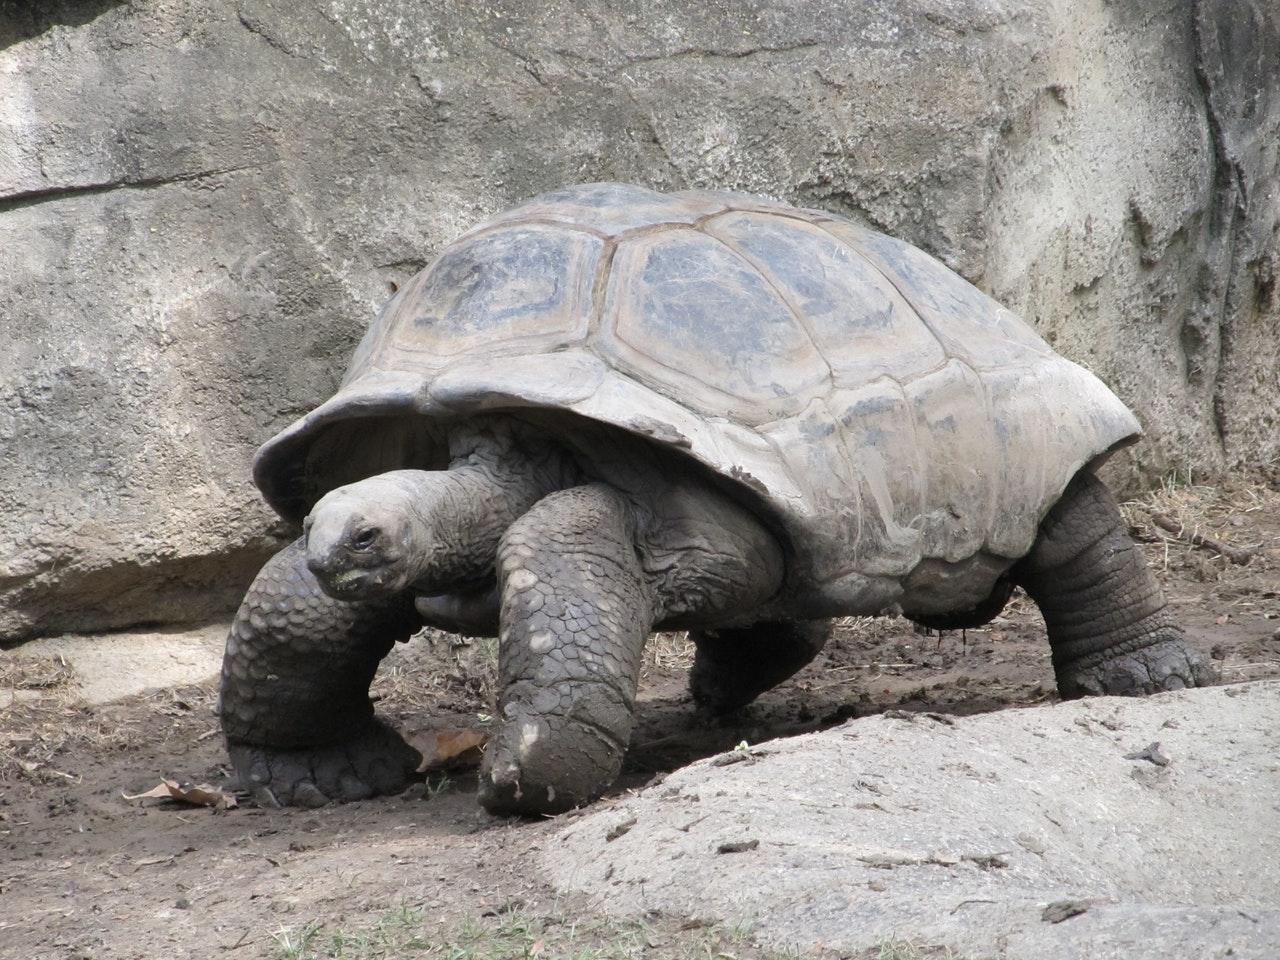 As tartarugas são animais lentos e calmos.